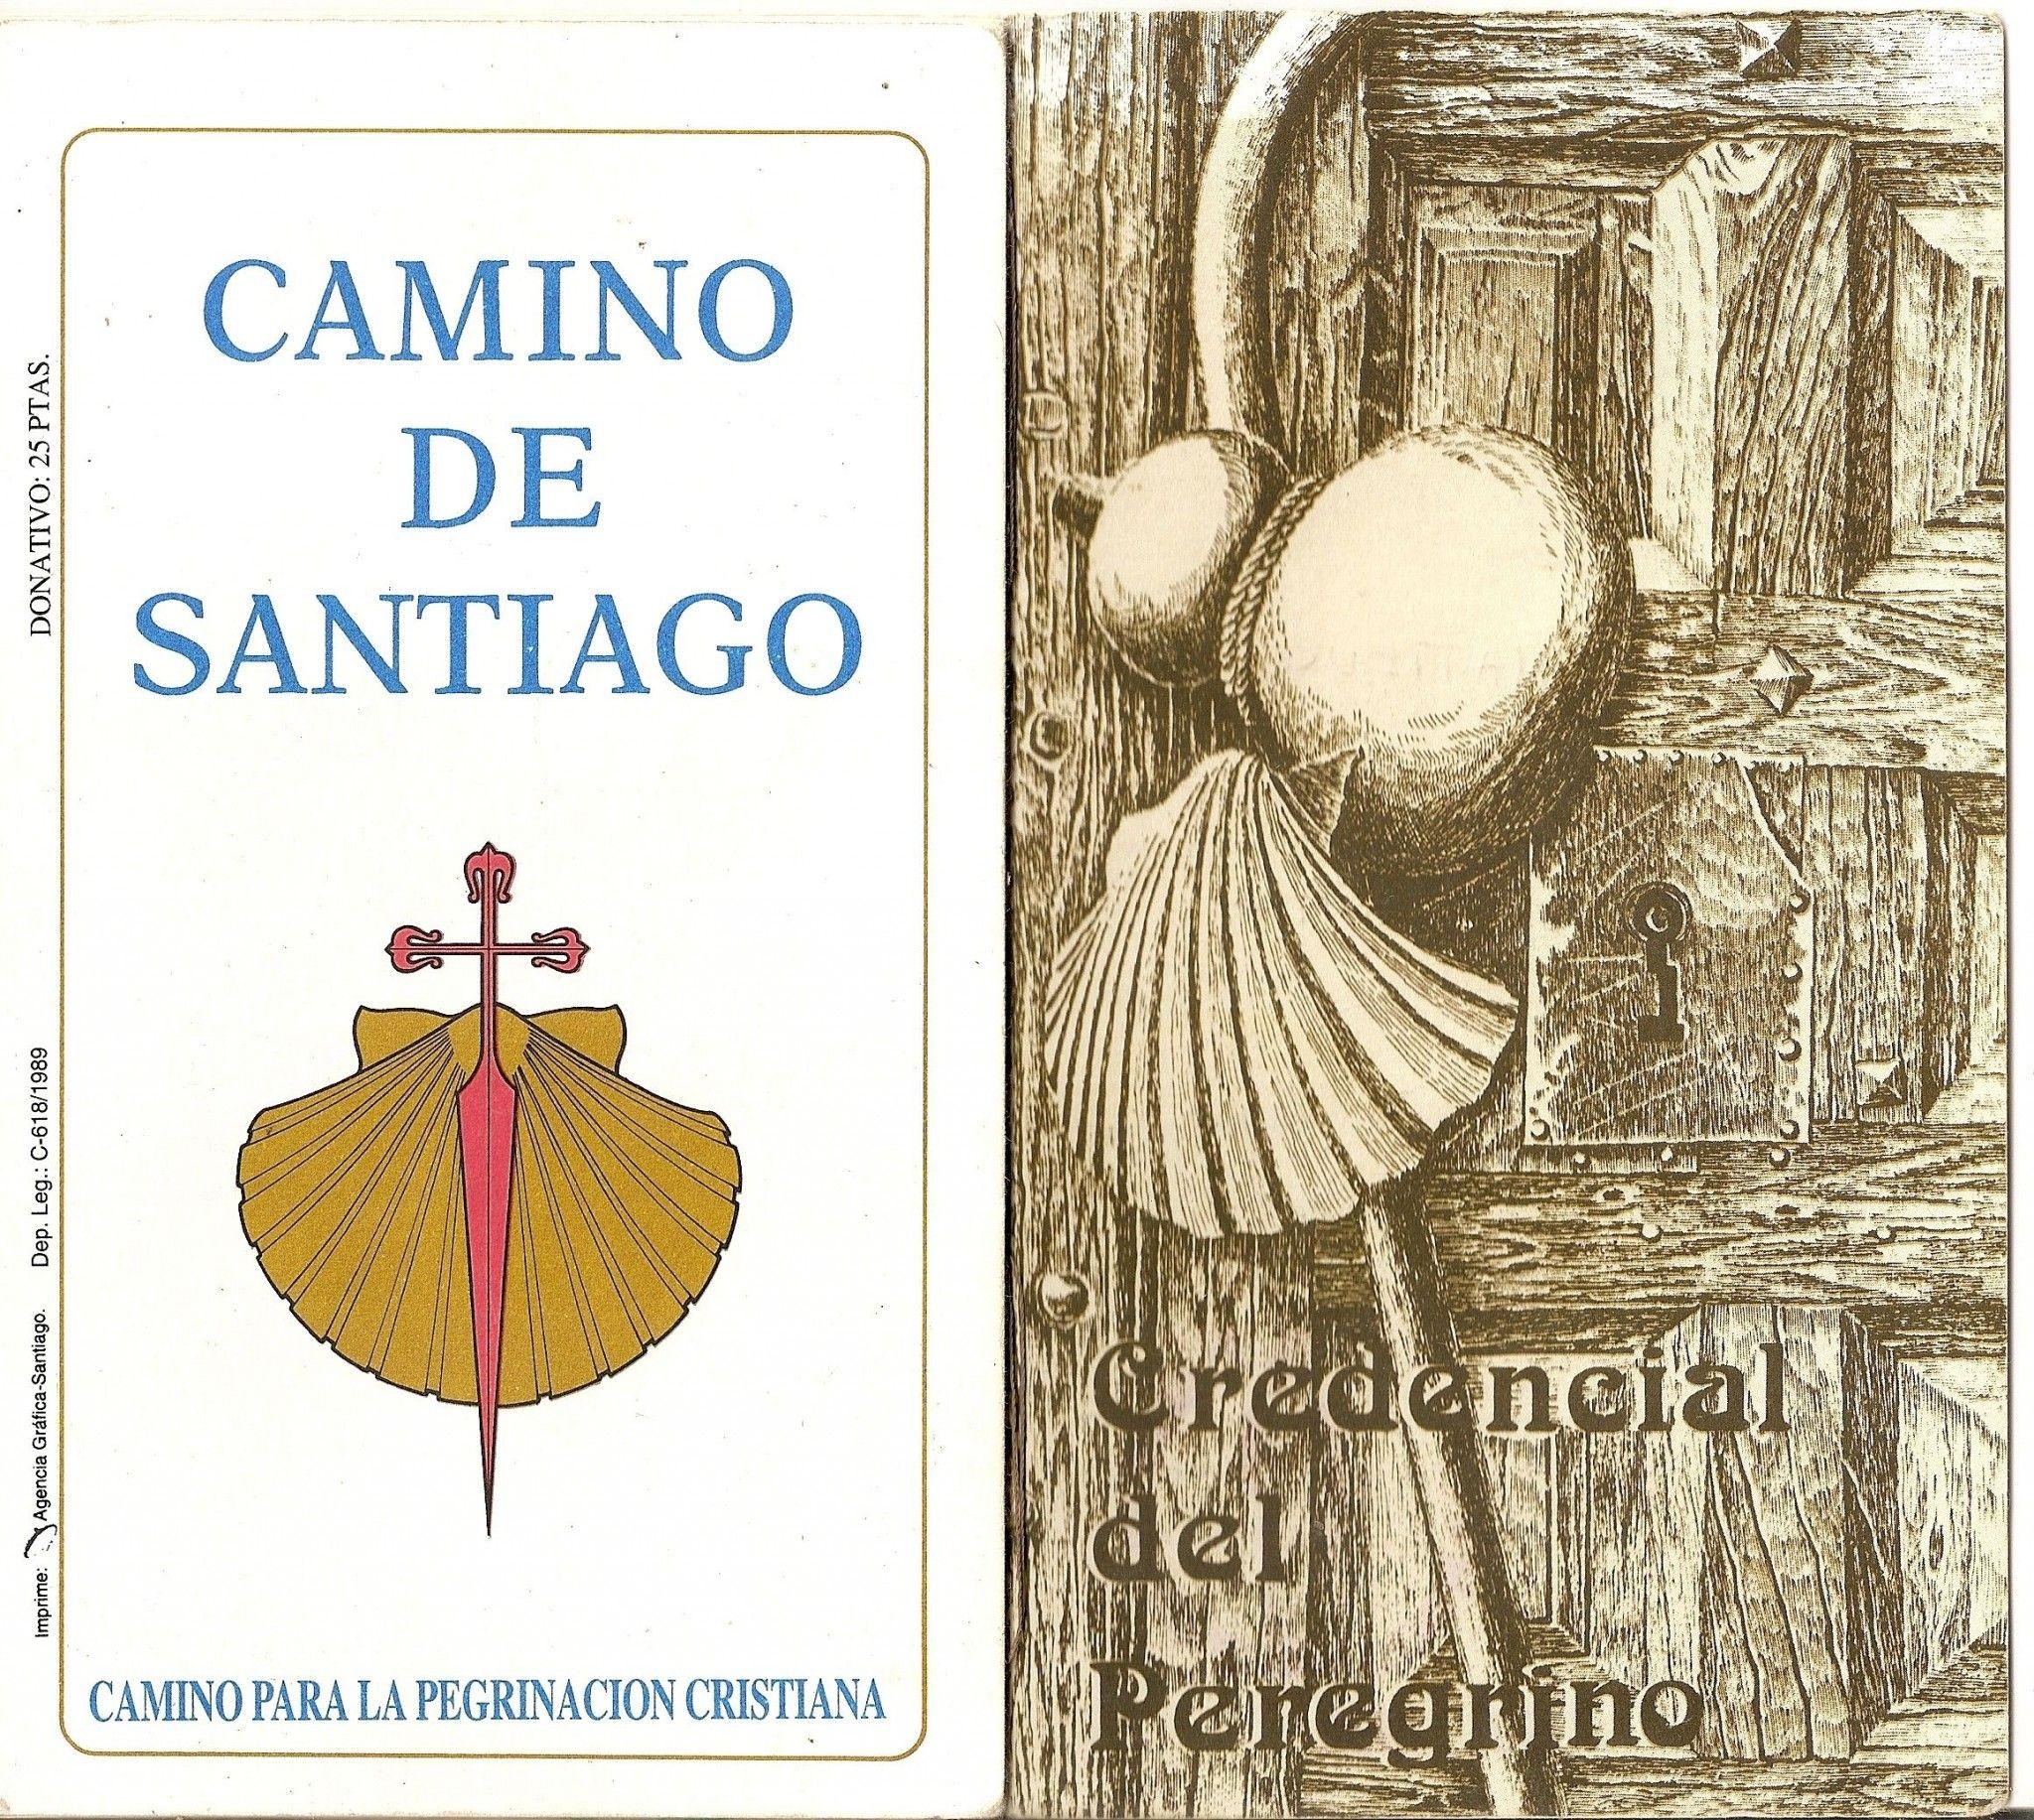 Credenciales del Camino de Santiago